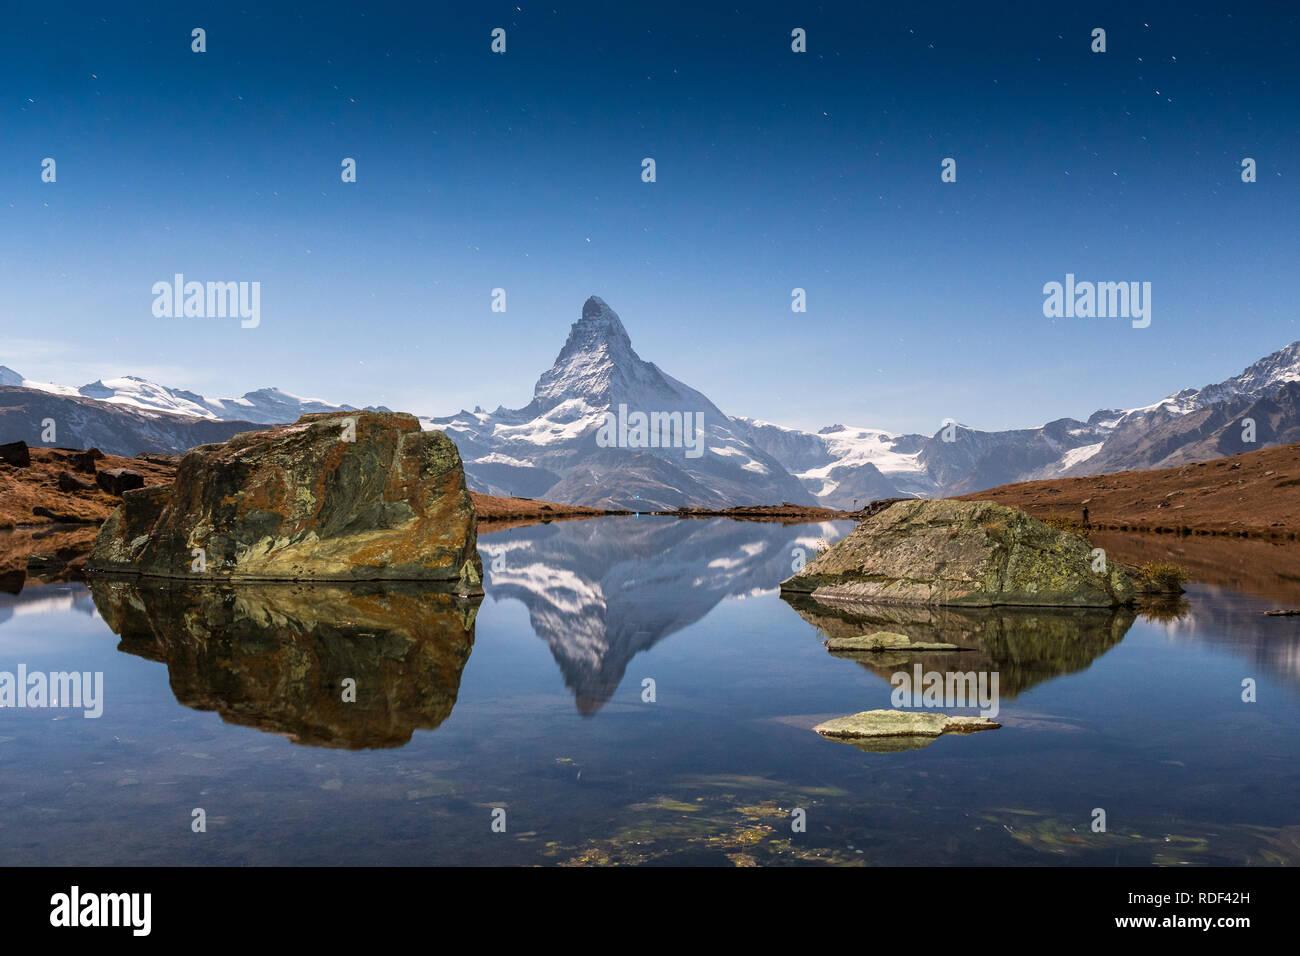 Matterhorn und Stellisee in Mondlicht - Stock Image